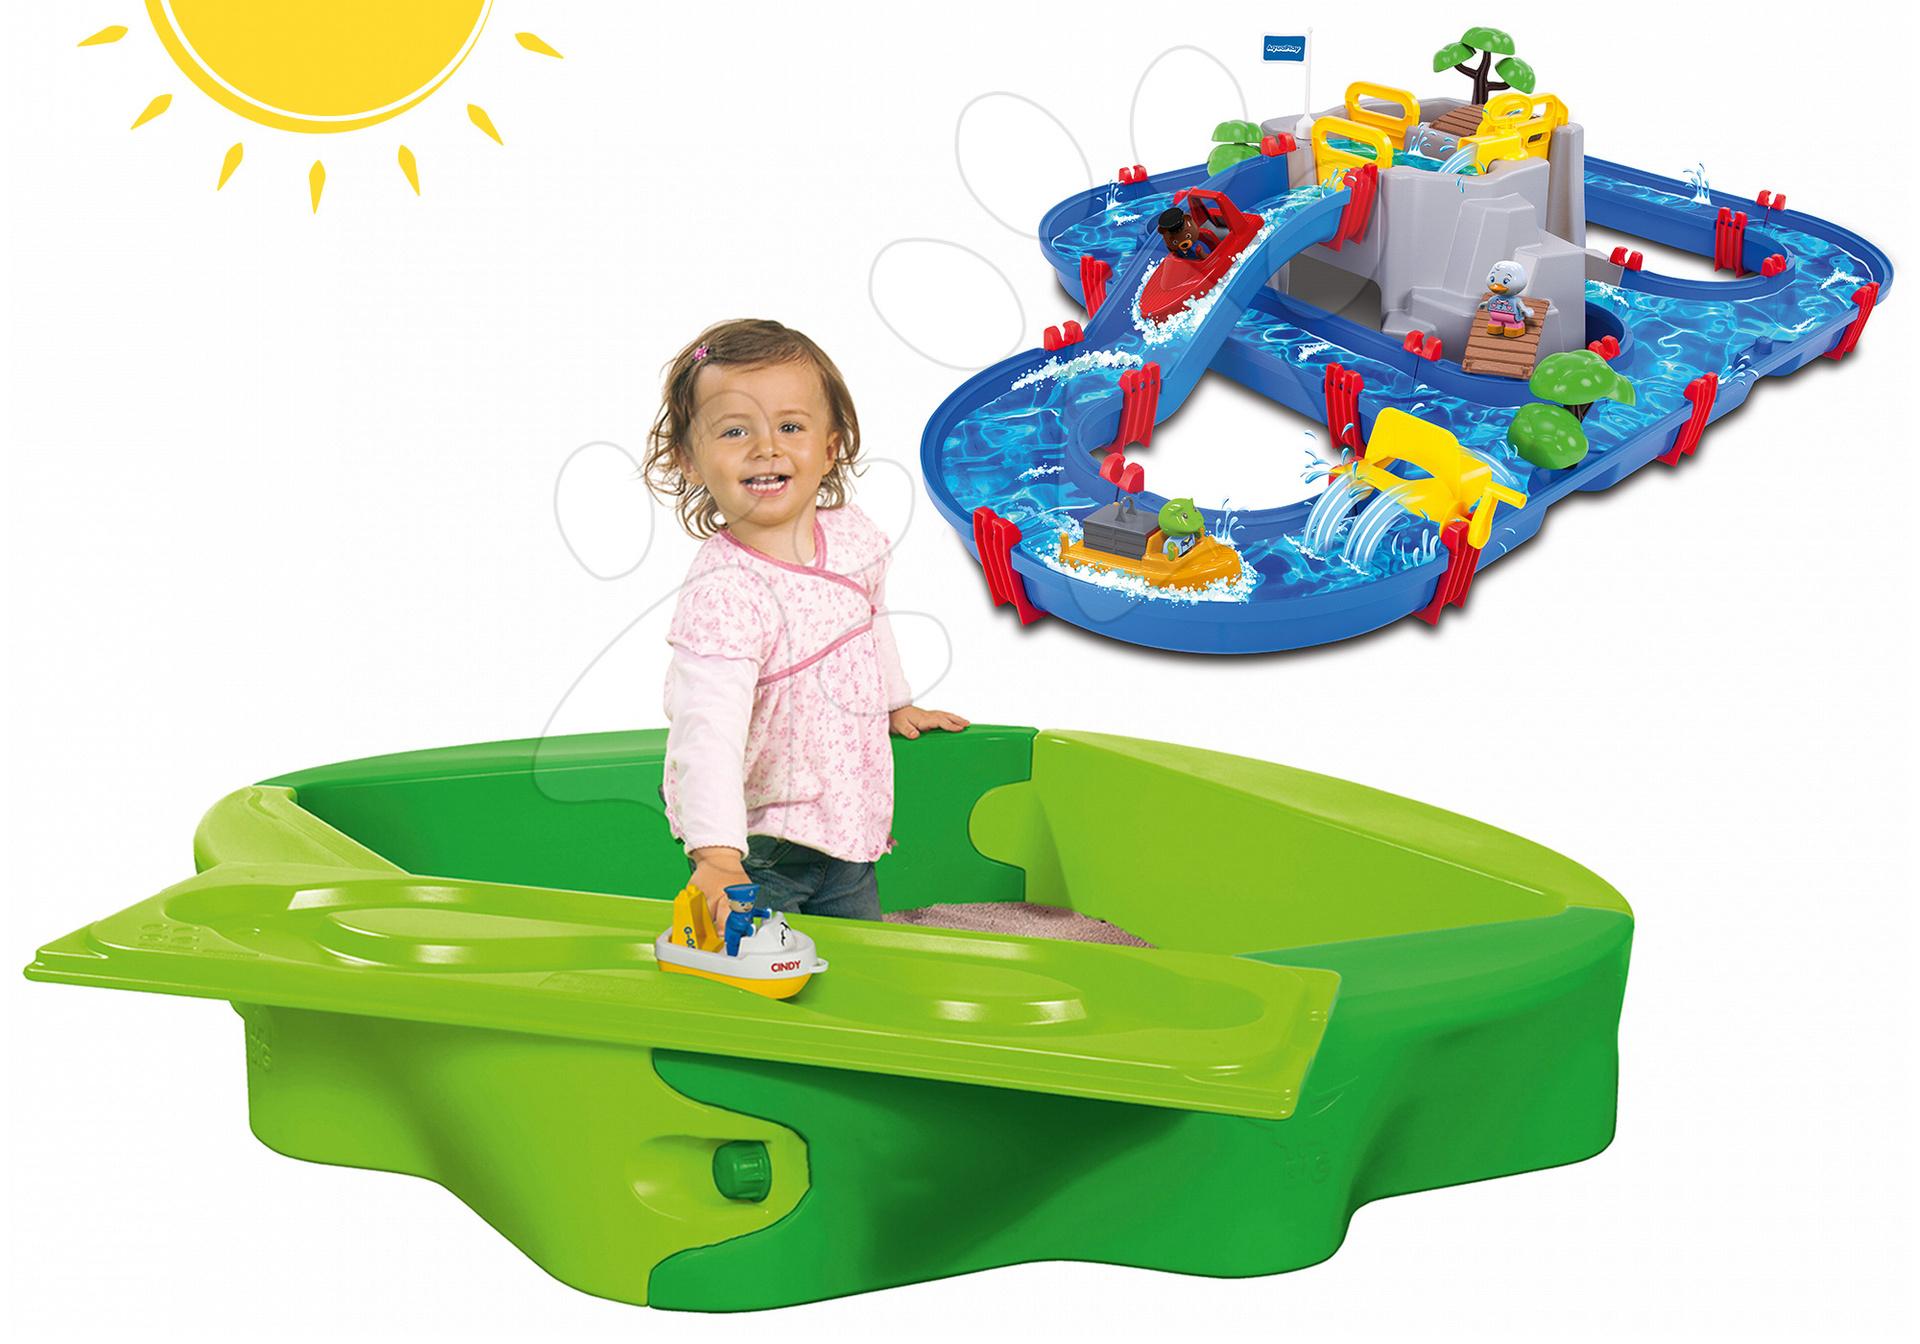 Dětské pískoviště BIG a vodní dráha AquaPlay 56733-2 zelená